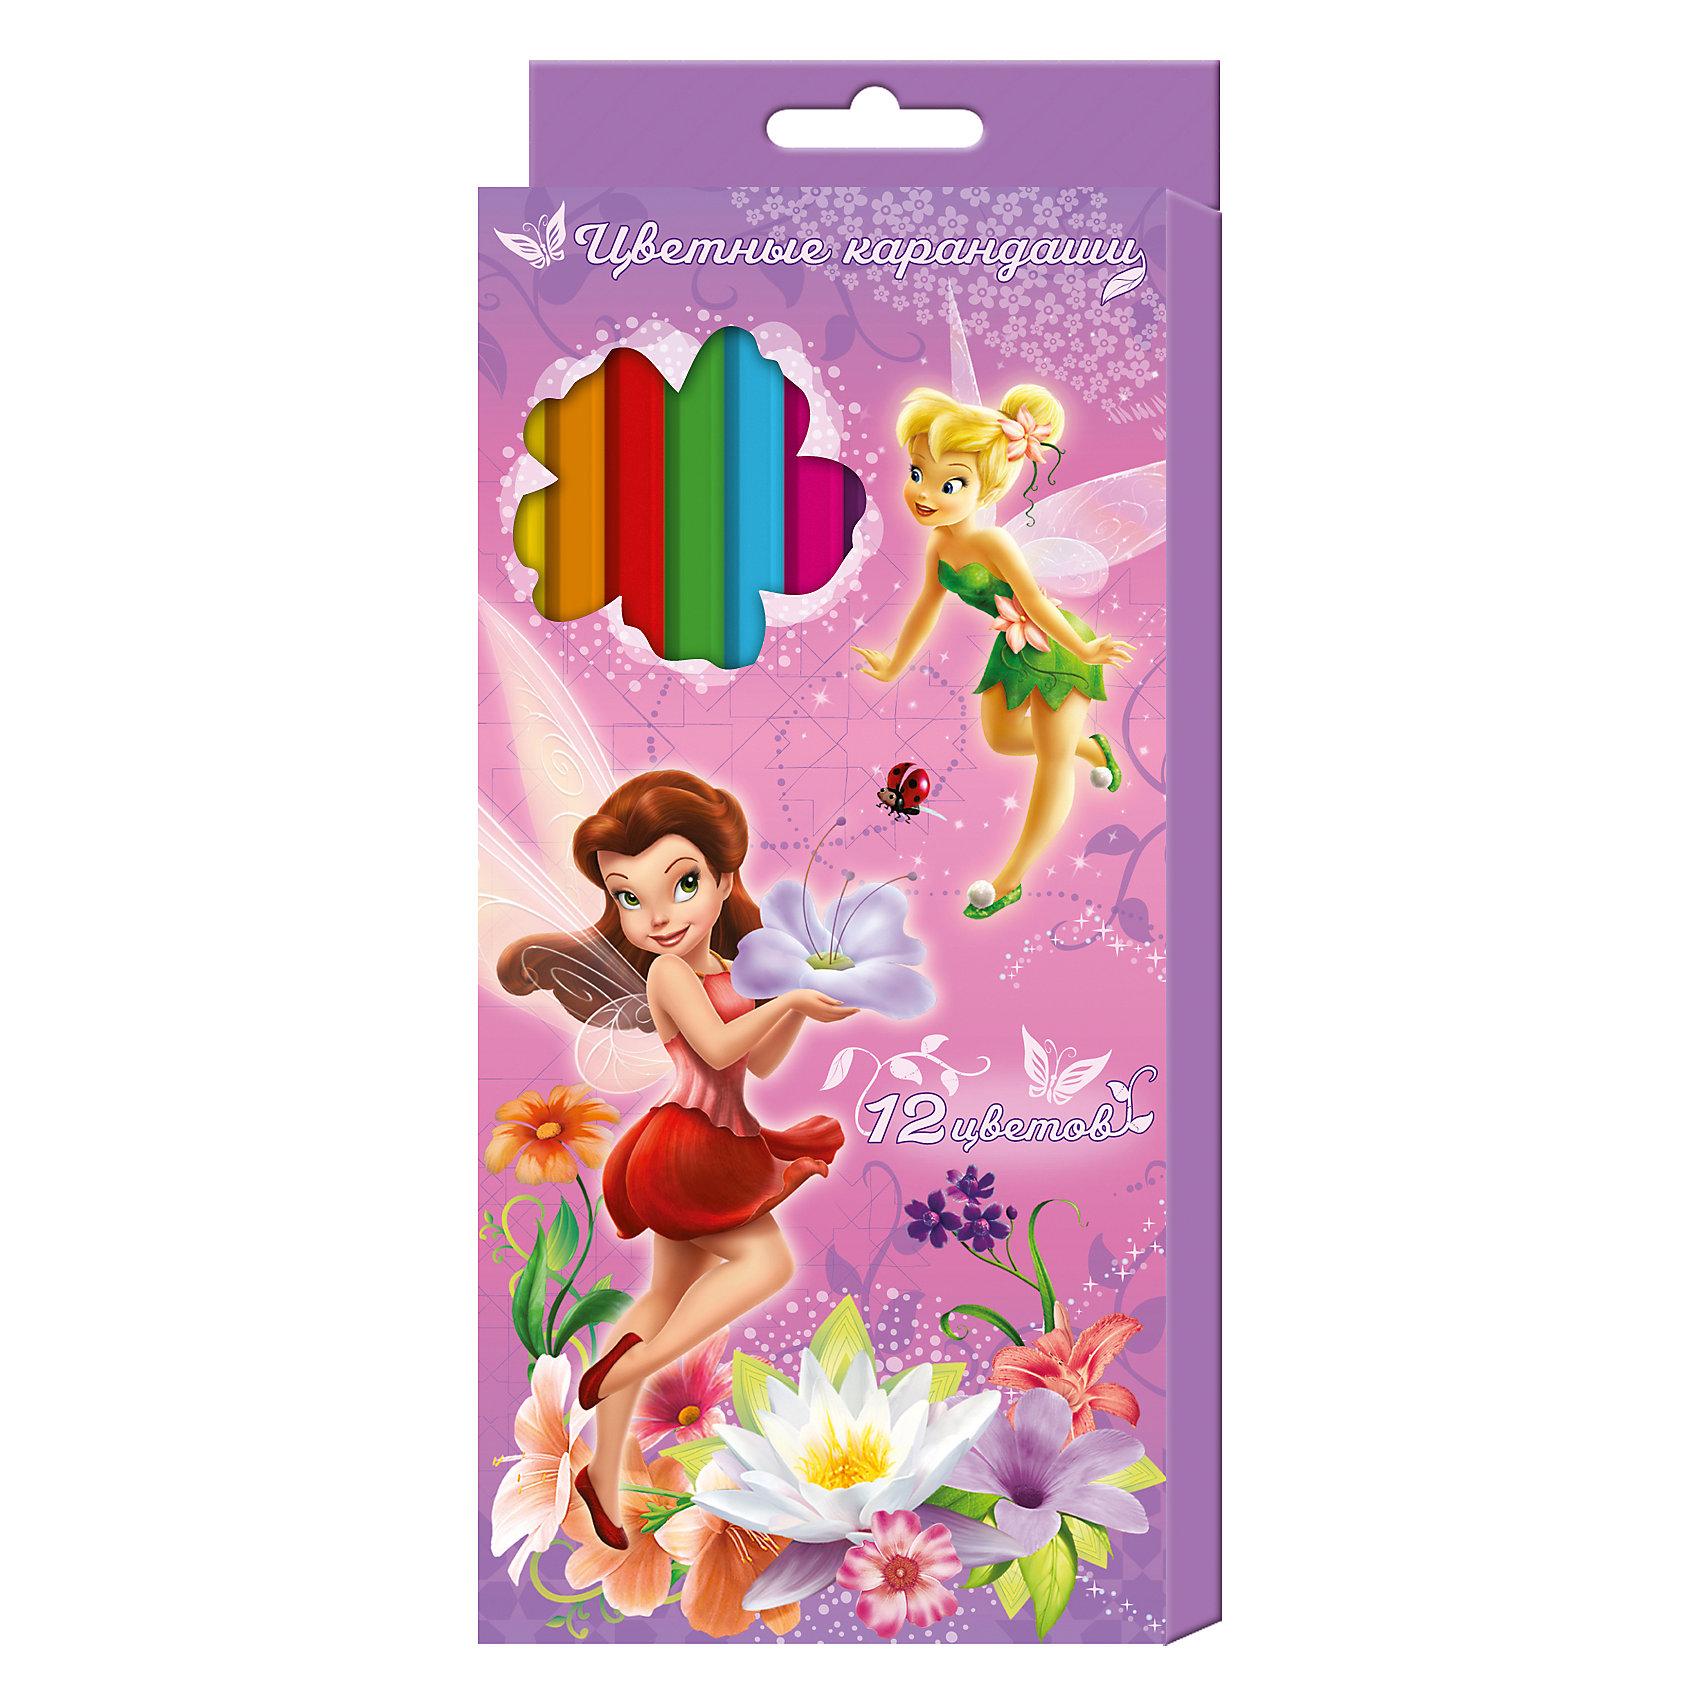 Цветные карандаши, 12 цветов, Disney FairiesЯркие карандаши ТМ Disney «Феи» помогут маленькой художнице создавать красивые картинки, а любимые герои вдохновят малышку на новые интересные идеи. В набор входит 12 цветных мягких и одновременно прочных карандашей, идеально подходящих для рисования, письма и раскрашивания. Яркие линии получаются без сильного нажима. Благодаря высококачественной древесине, карандаши легко затачиваются. Прочный грифель не крошится при падении и не ломается при заточке. Состав: древесина, цветной грифель. Срок годности не ограничен.<br><br>Ширина мм: 178<br>Глубина мм: 90<br>Высота мм: 80<br>Вес г: 77<br>Возраст от месяцев: 36<br>Возраст до месяцев: 2147483647<br>Пол: Унисекс<br>Возраст: Детский<br>SKU: 5453358